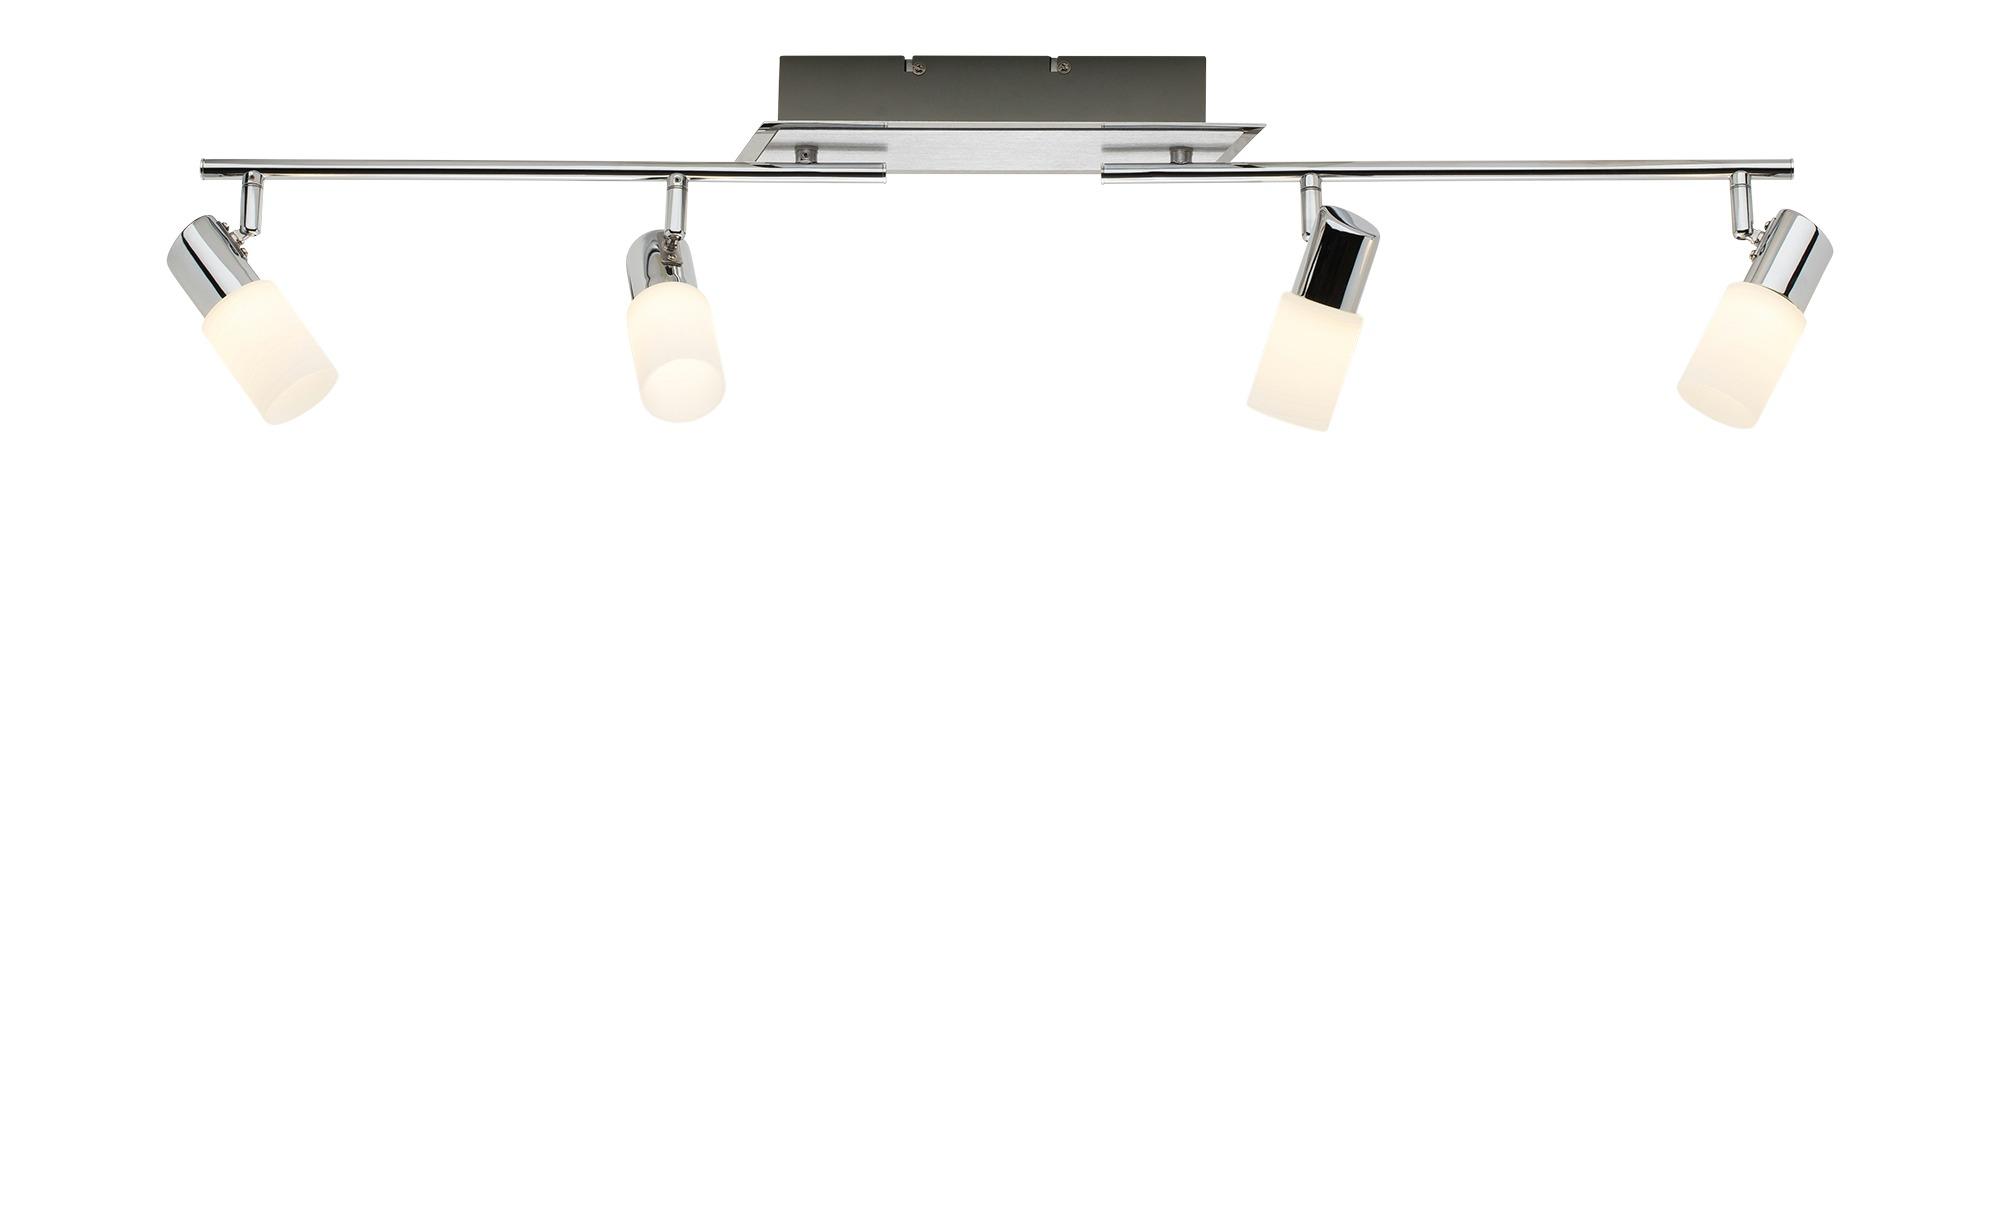 Trio LED-Deckenstrahler Aluminium 4-flammig ¦ silber Lampen & Leuchten > LED-Leuchten > LED-Strahler & Spots - Höffner